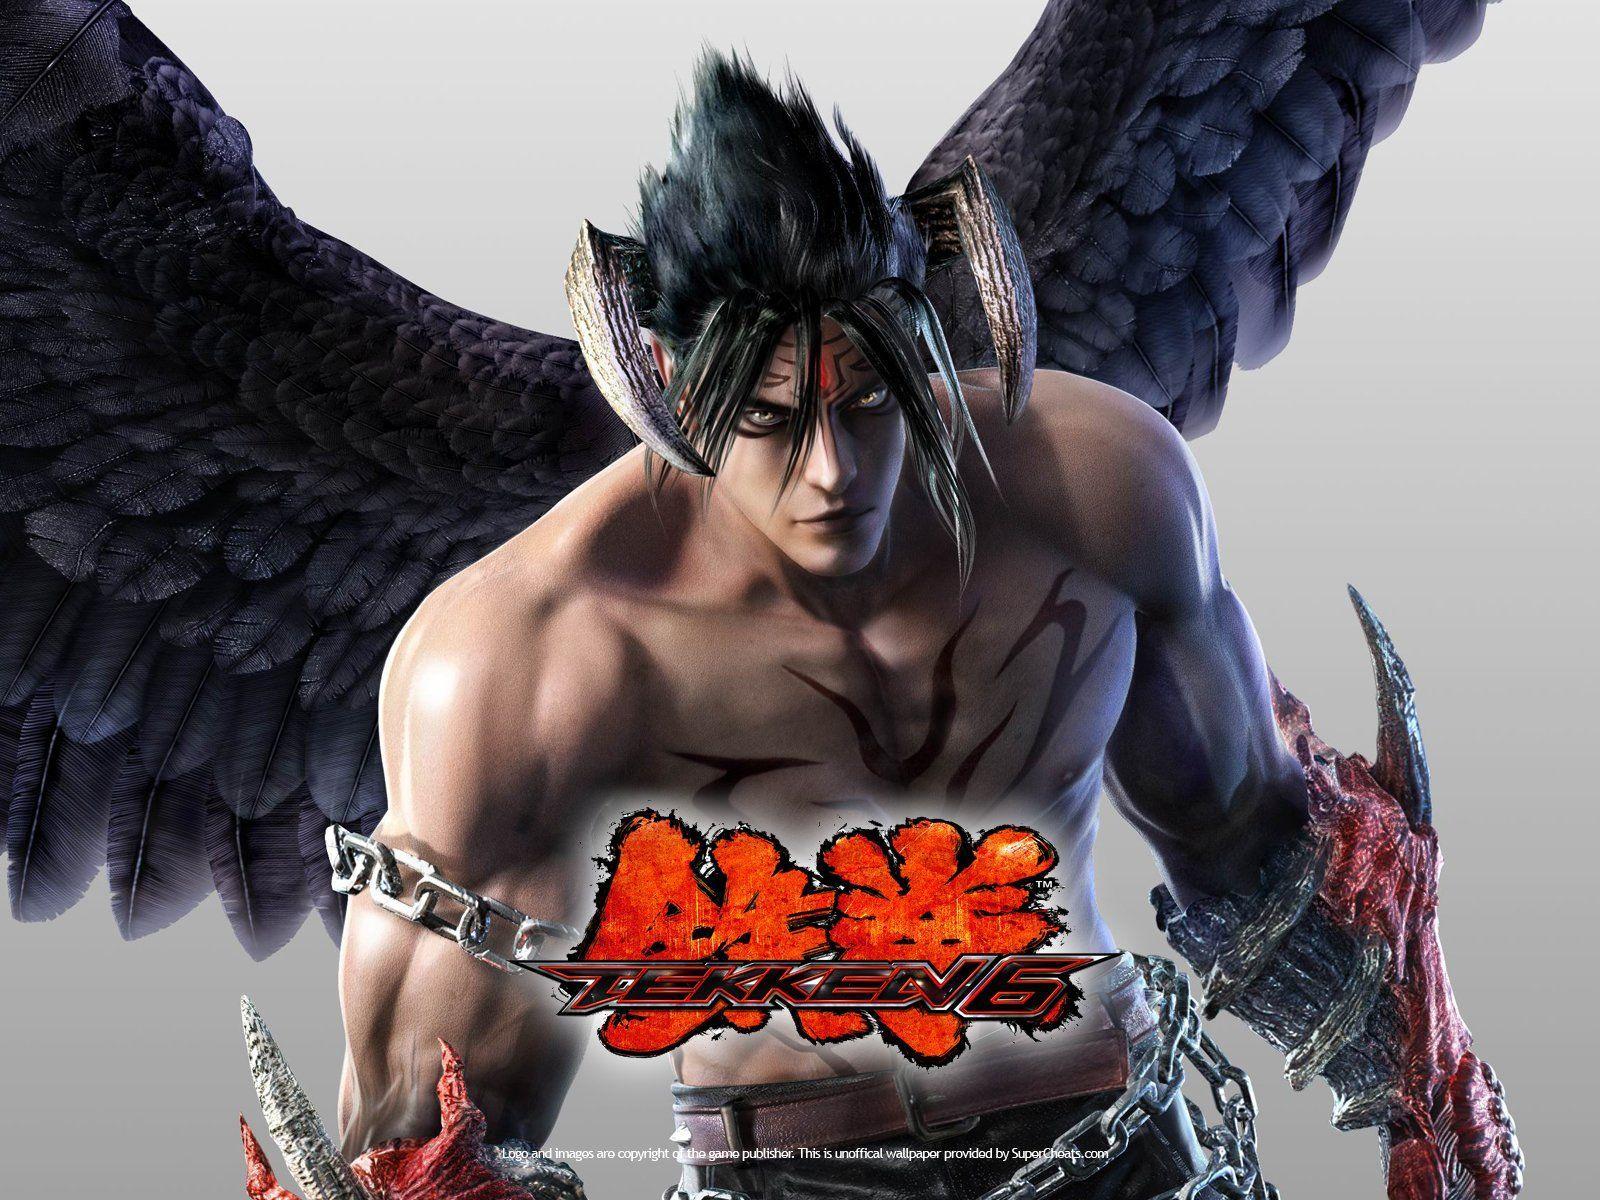 Tekken 6 Wallpapers Top Free Tekken 6 Backgrounds Wallpaperaccess